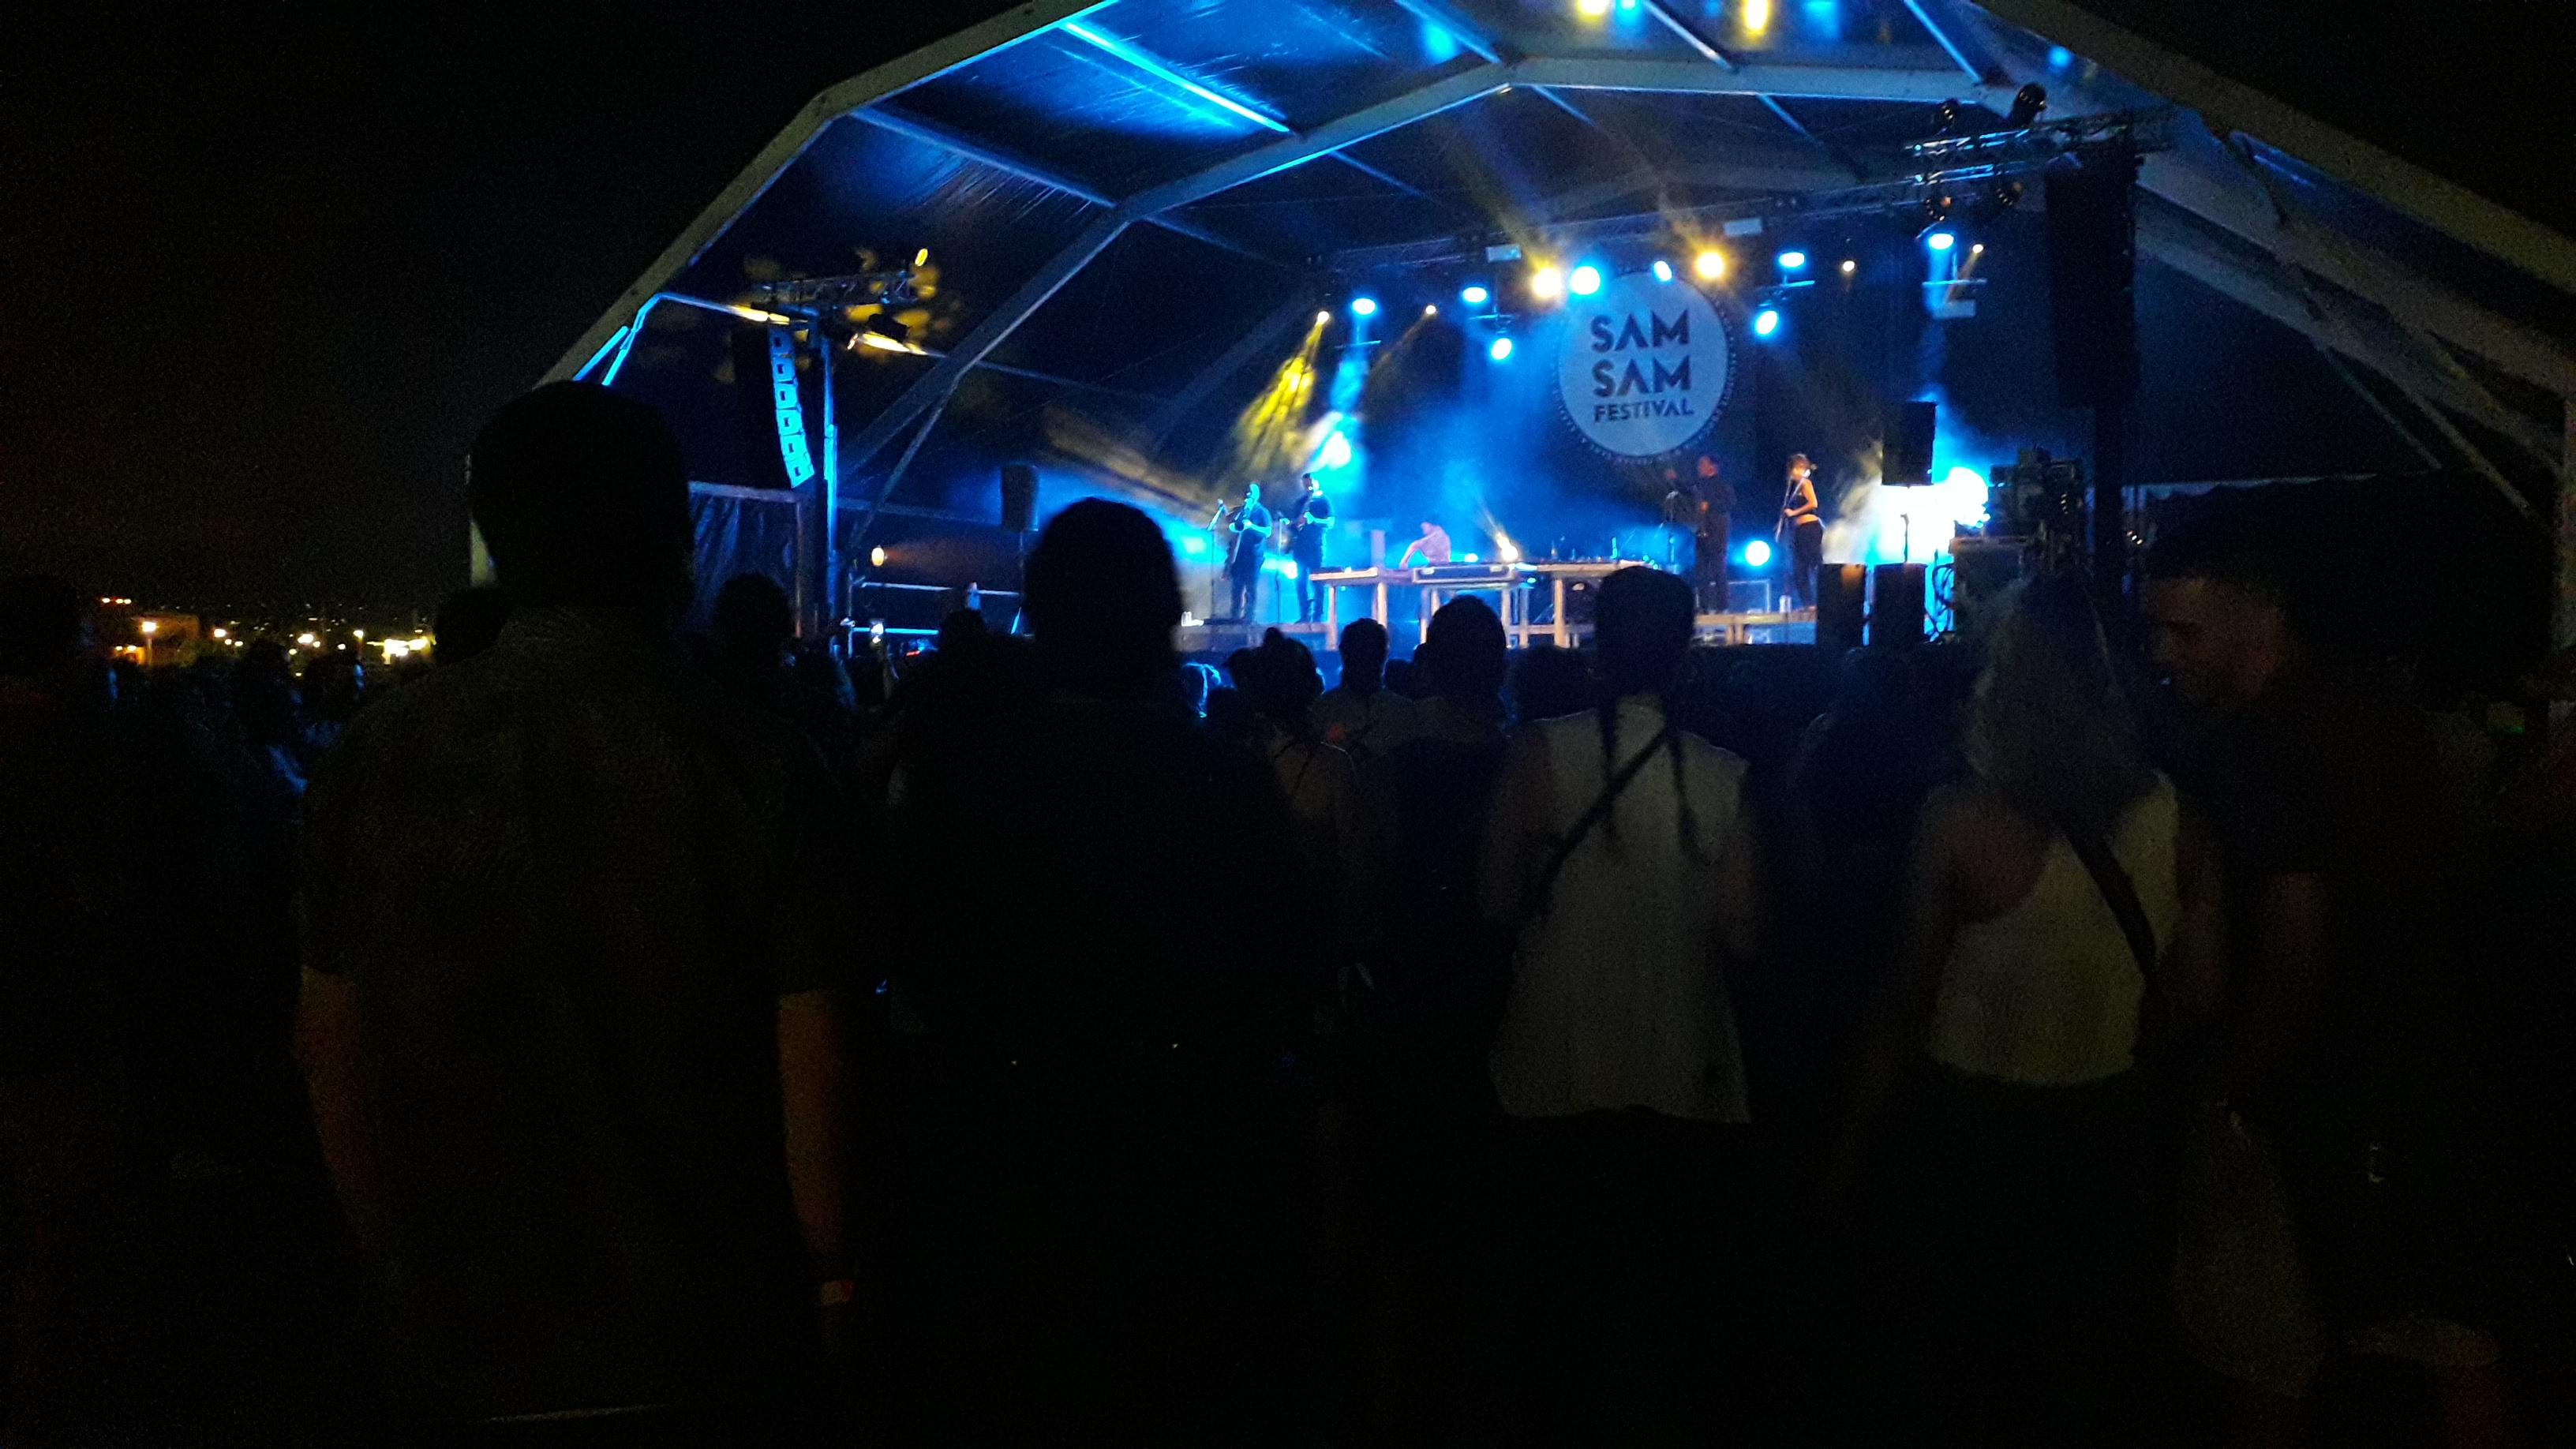 Sam Sam Festival